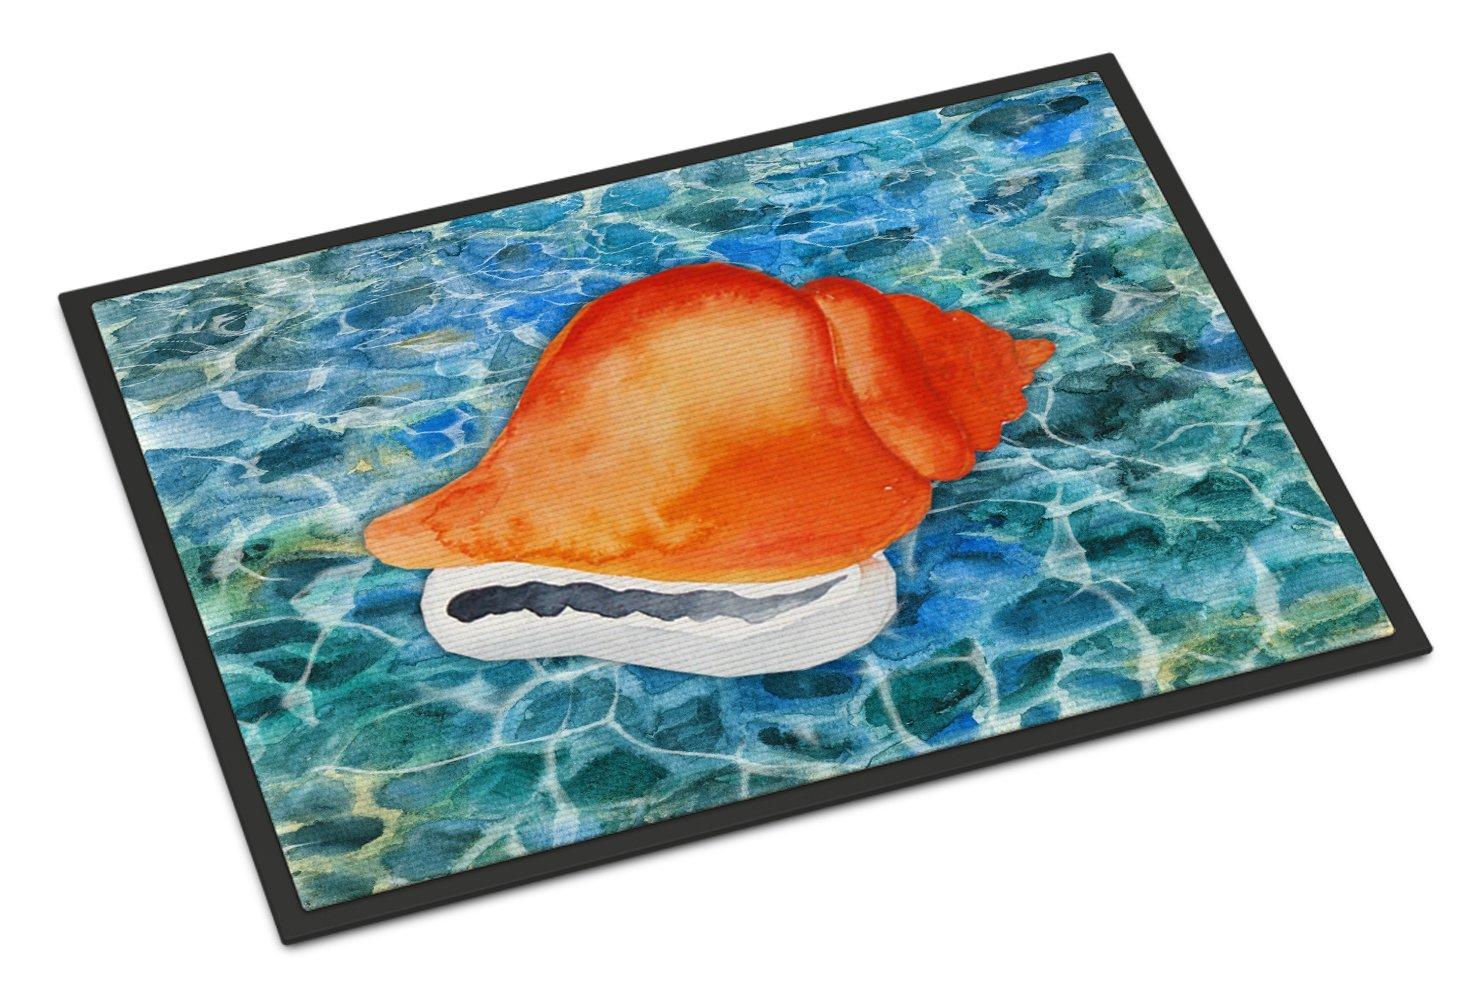 Carolines Treasures Deep Sea Diving Helmet Doormat 18 H x 27 W Multicolor